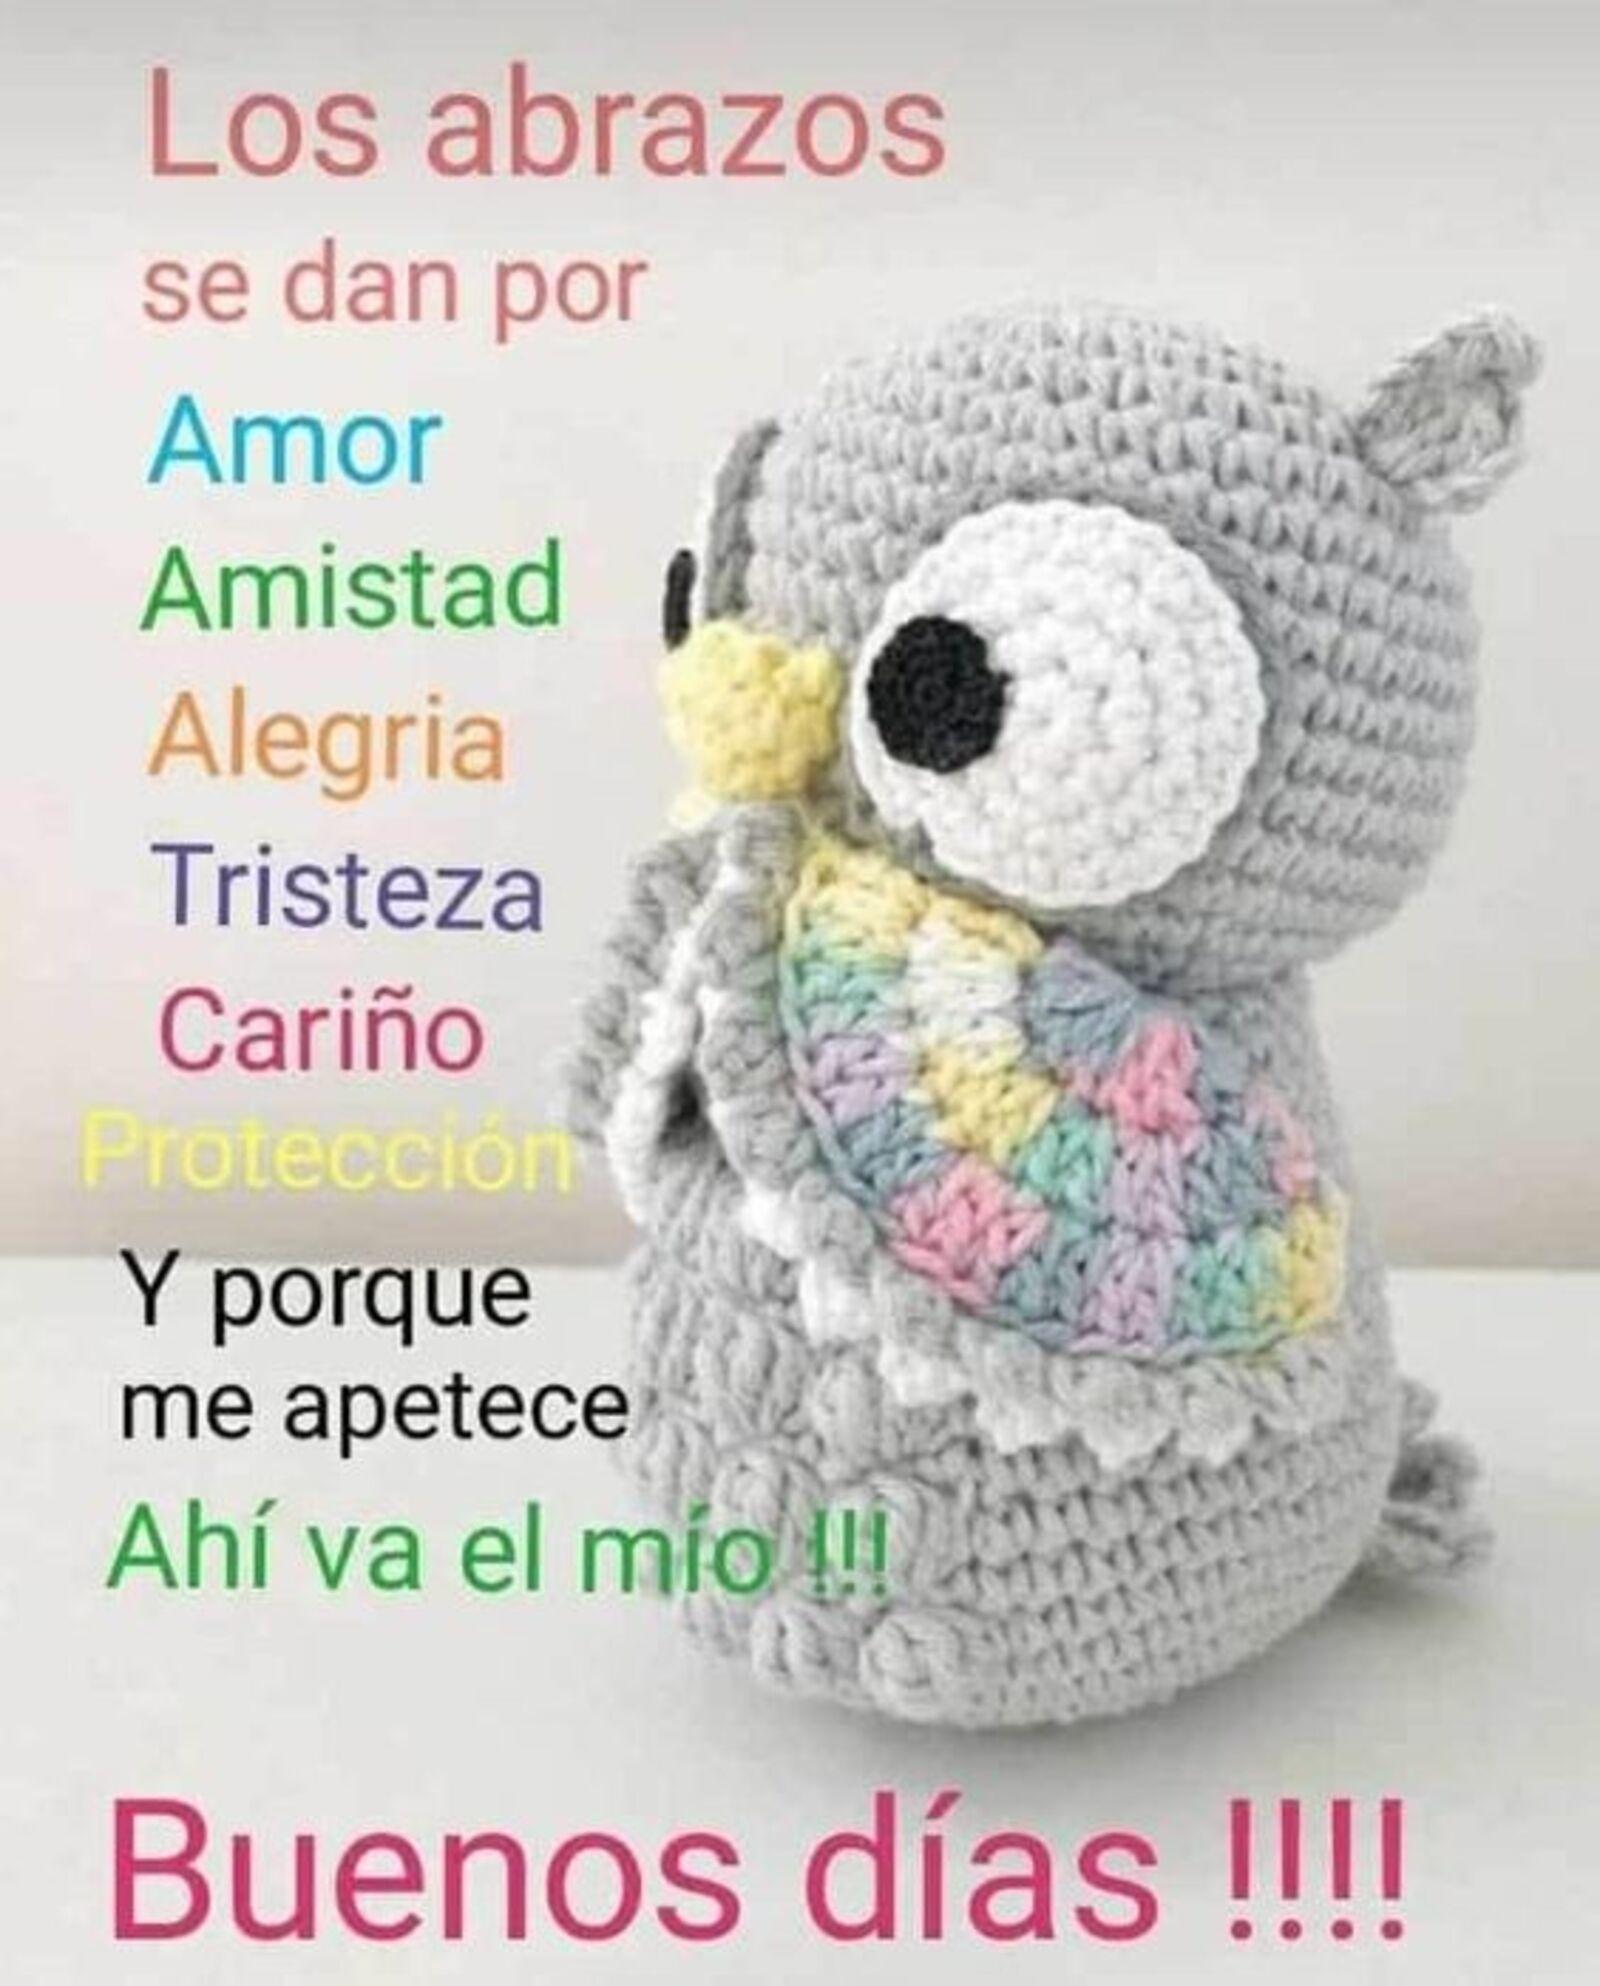 Los abrazos se dan por amor, amistad, alegría, tristeza, cariño, protección y porque me apetece ahí va el mío!!! Buenos días!!!